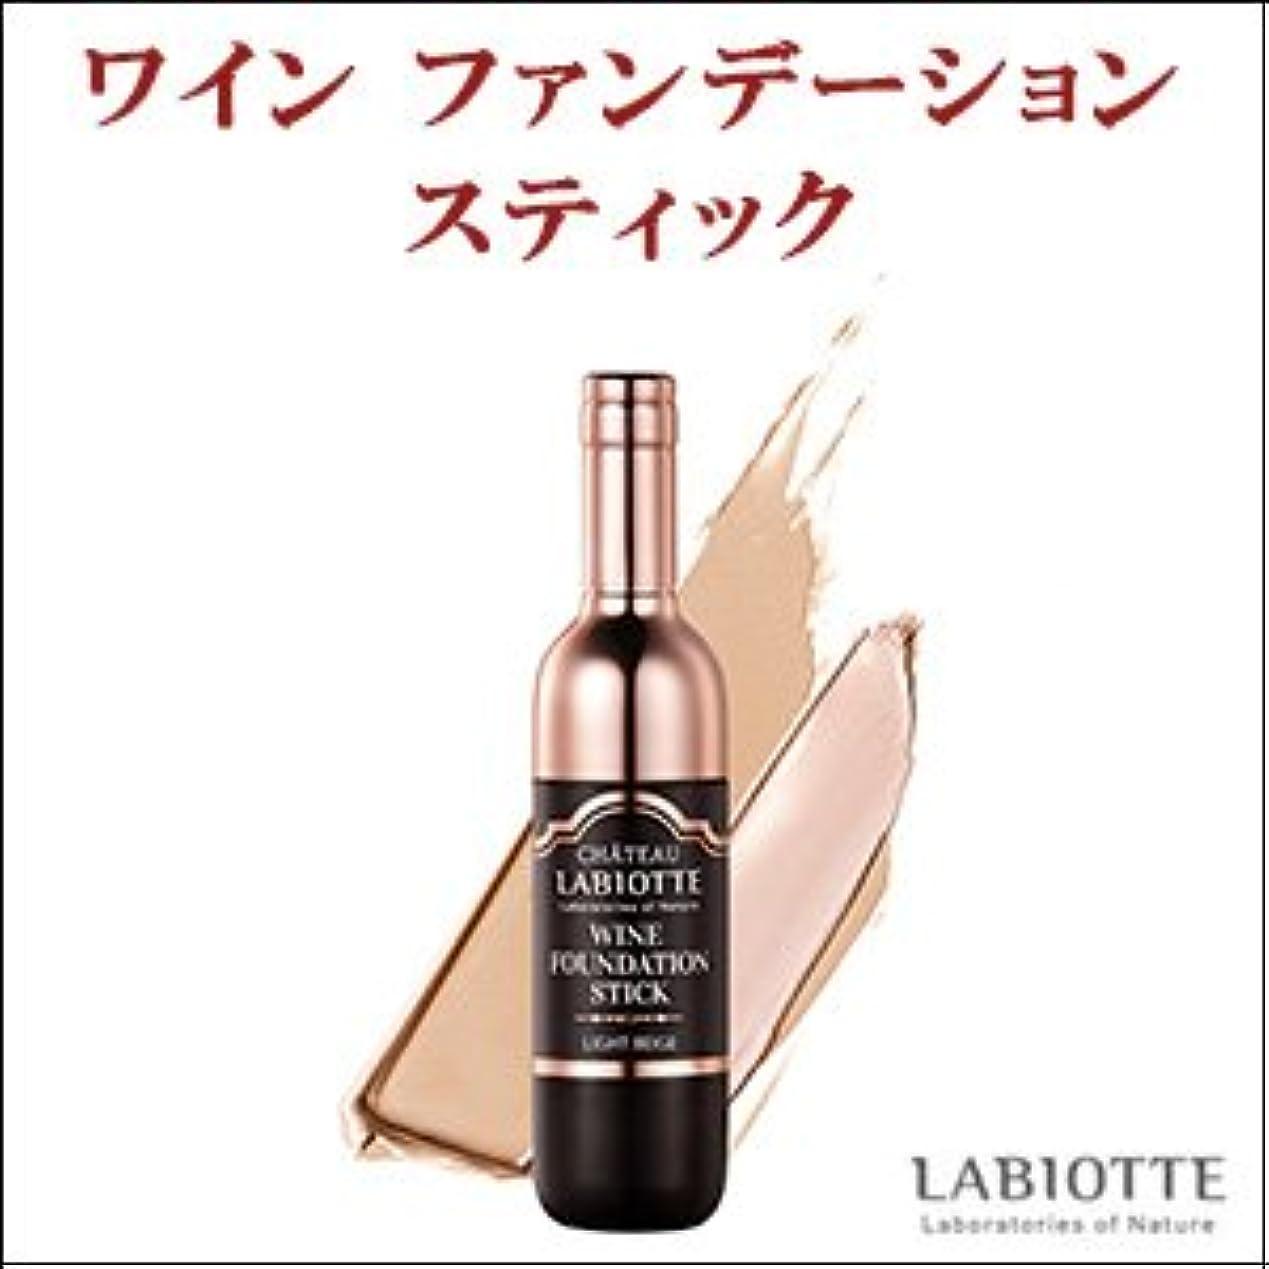 防衛ほんの転倒LABIOTTE シャトー ラビオッテ ワイン ファンデーション スティック カラー:BE21 ライトベージュ